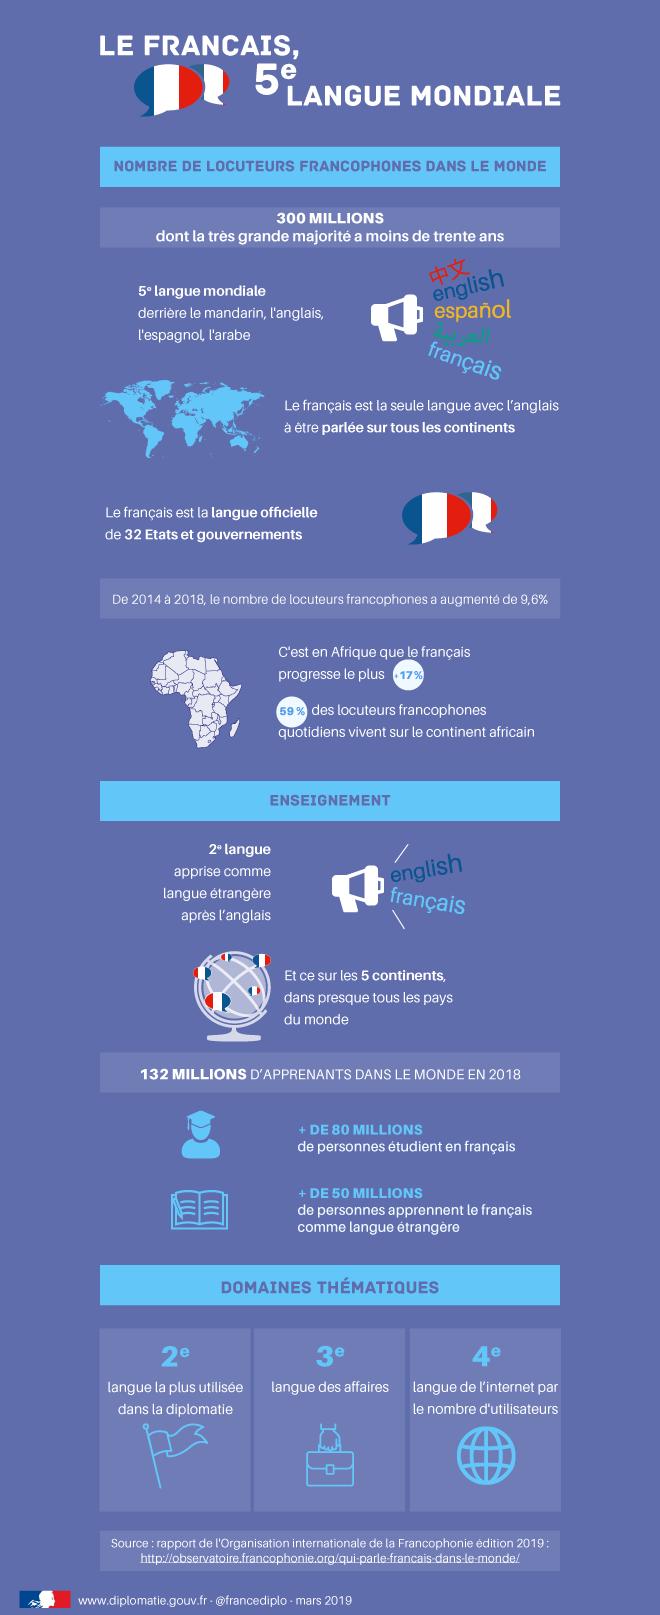 Le Français 5e Langue Mondiale La France à Chypre